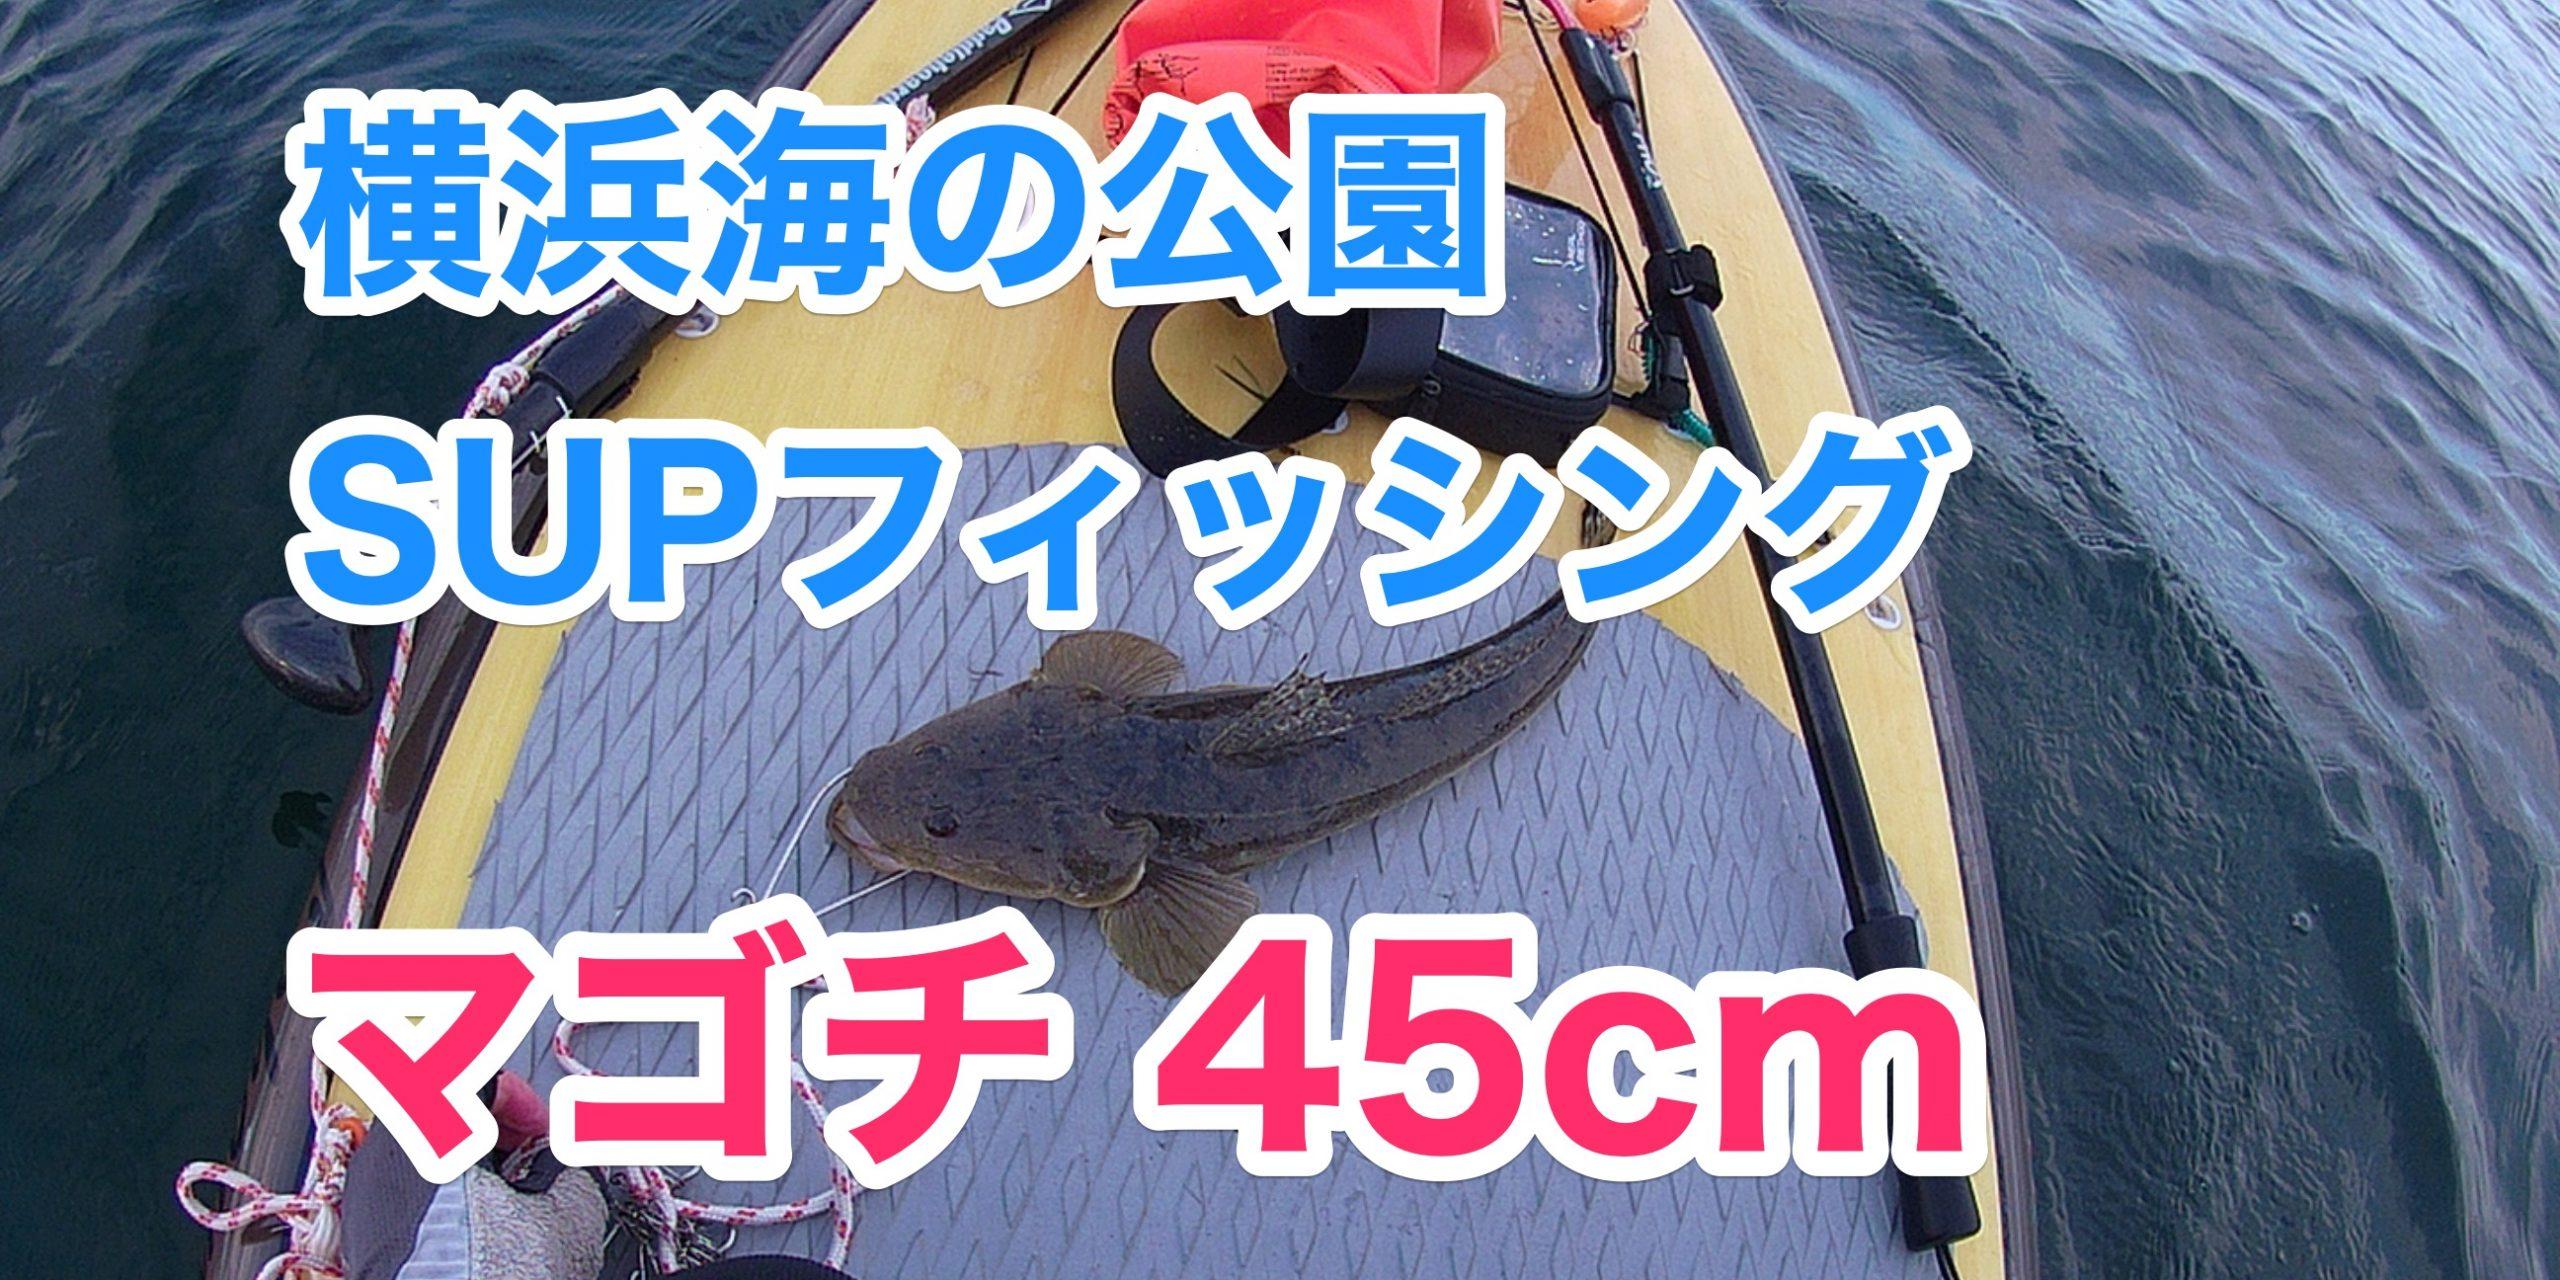 【マゴチ45cm】SUPフィッシング@横浜海の公園20210523